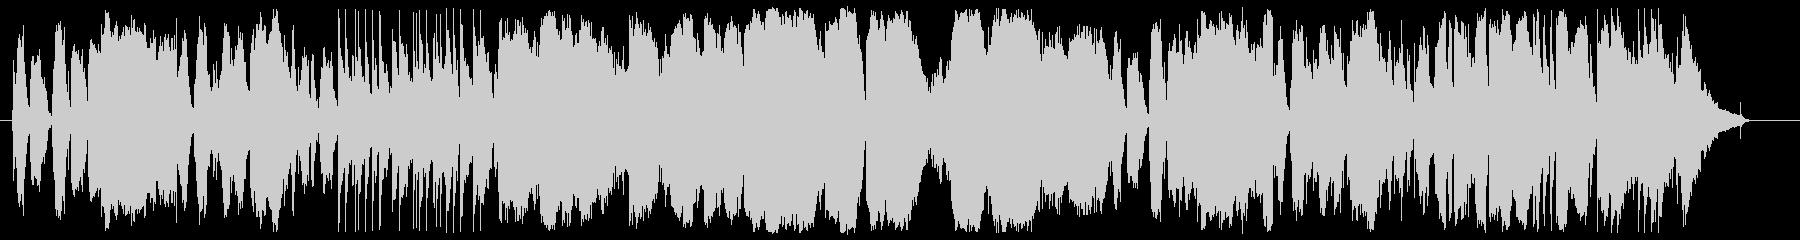 明るくちょっと切ない鍵盤ハーモニカBGMの未再生の波形